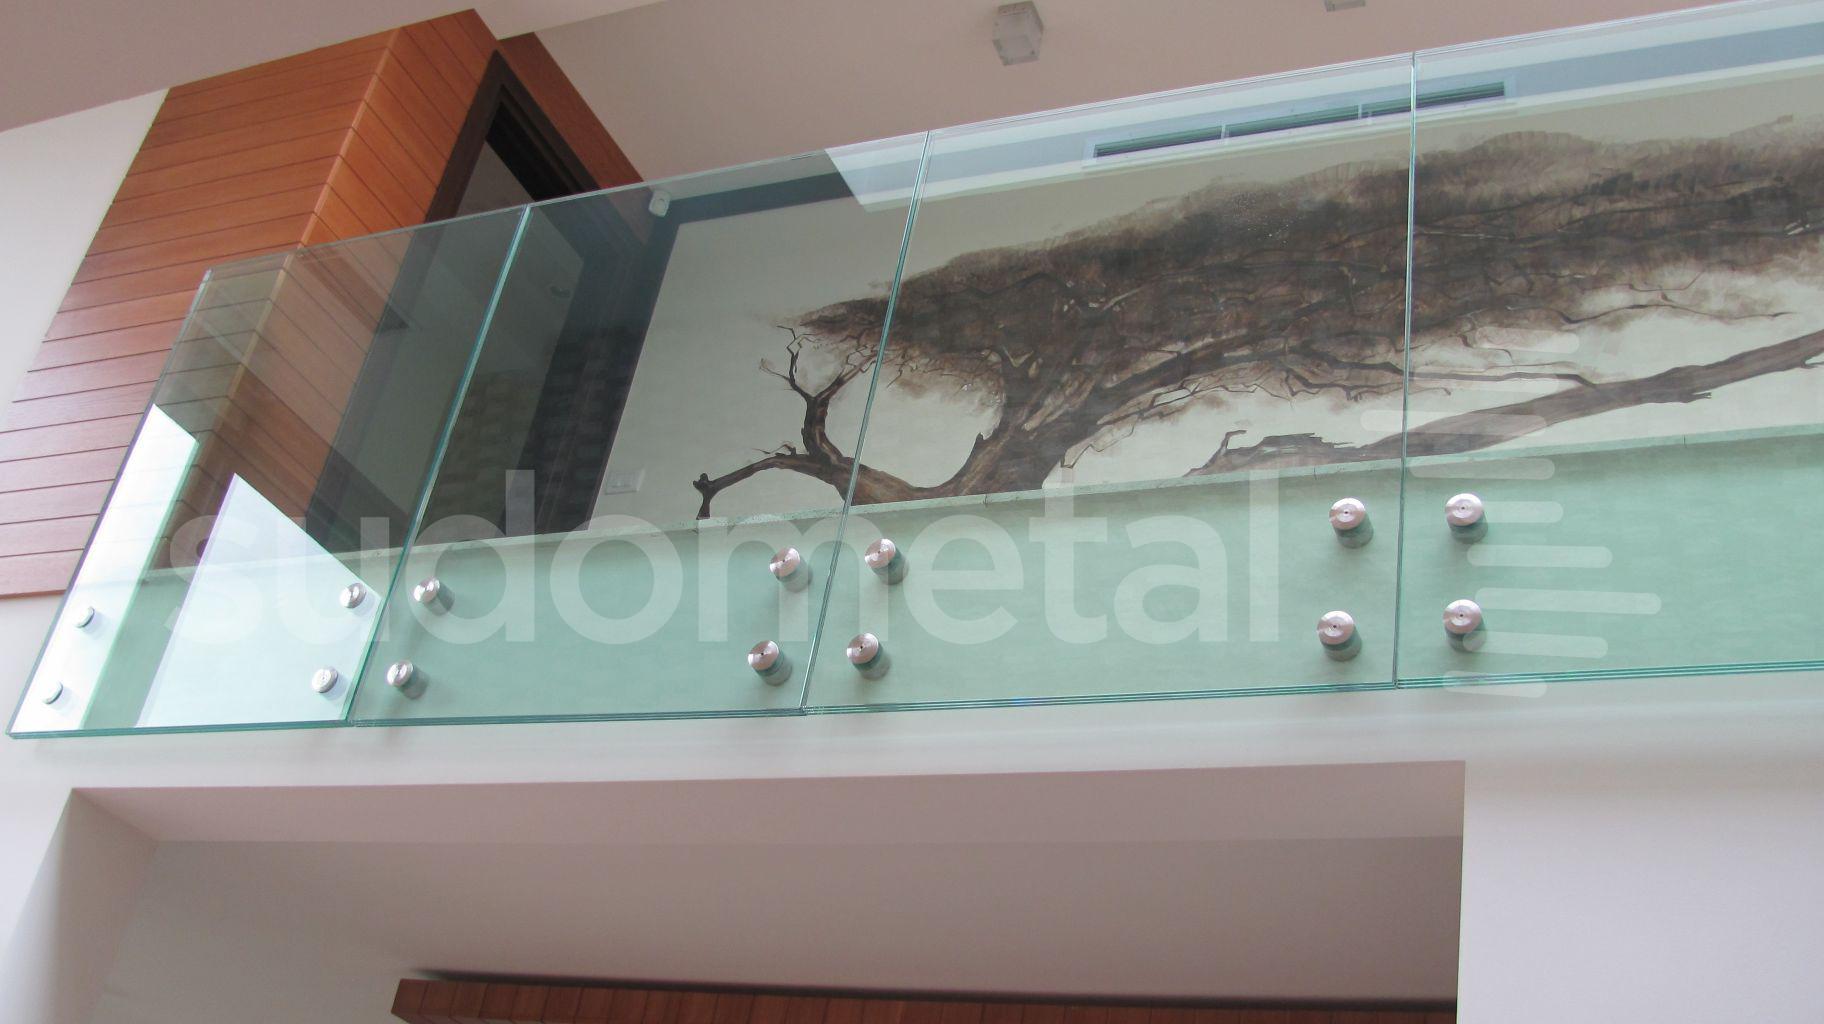 Balustrade din sticla - Balustrada din sticla tripla casa particulara Bacau SUDOMETAL - Poza 4